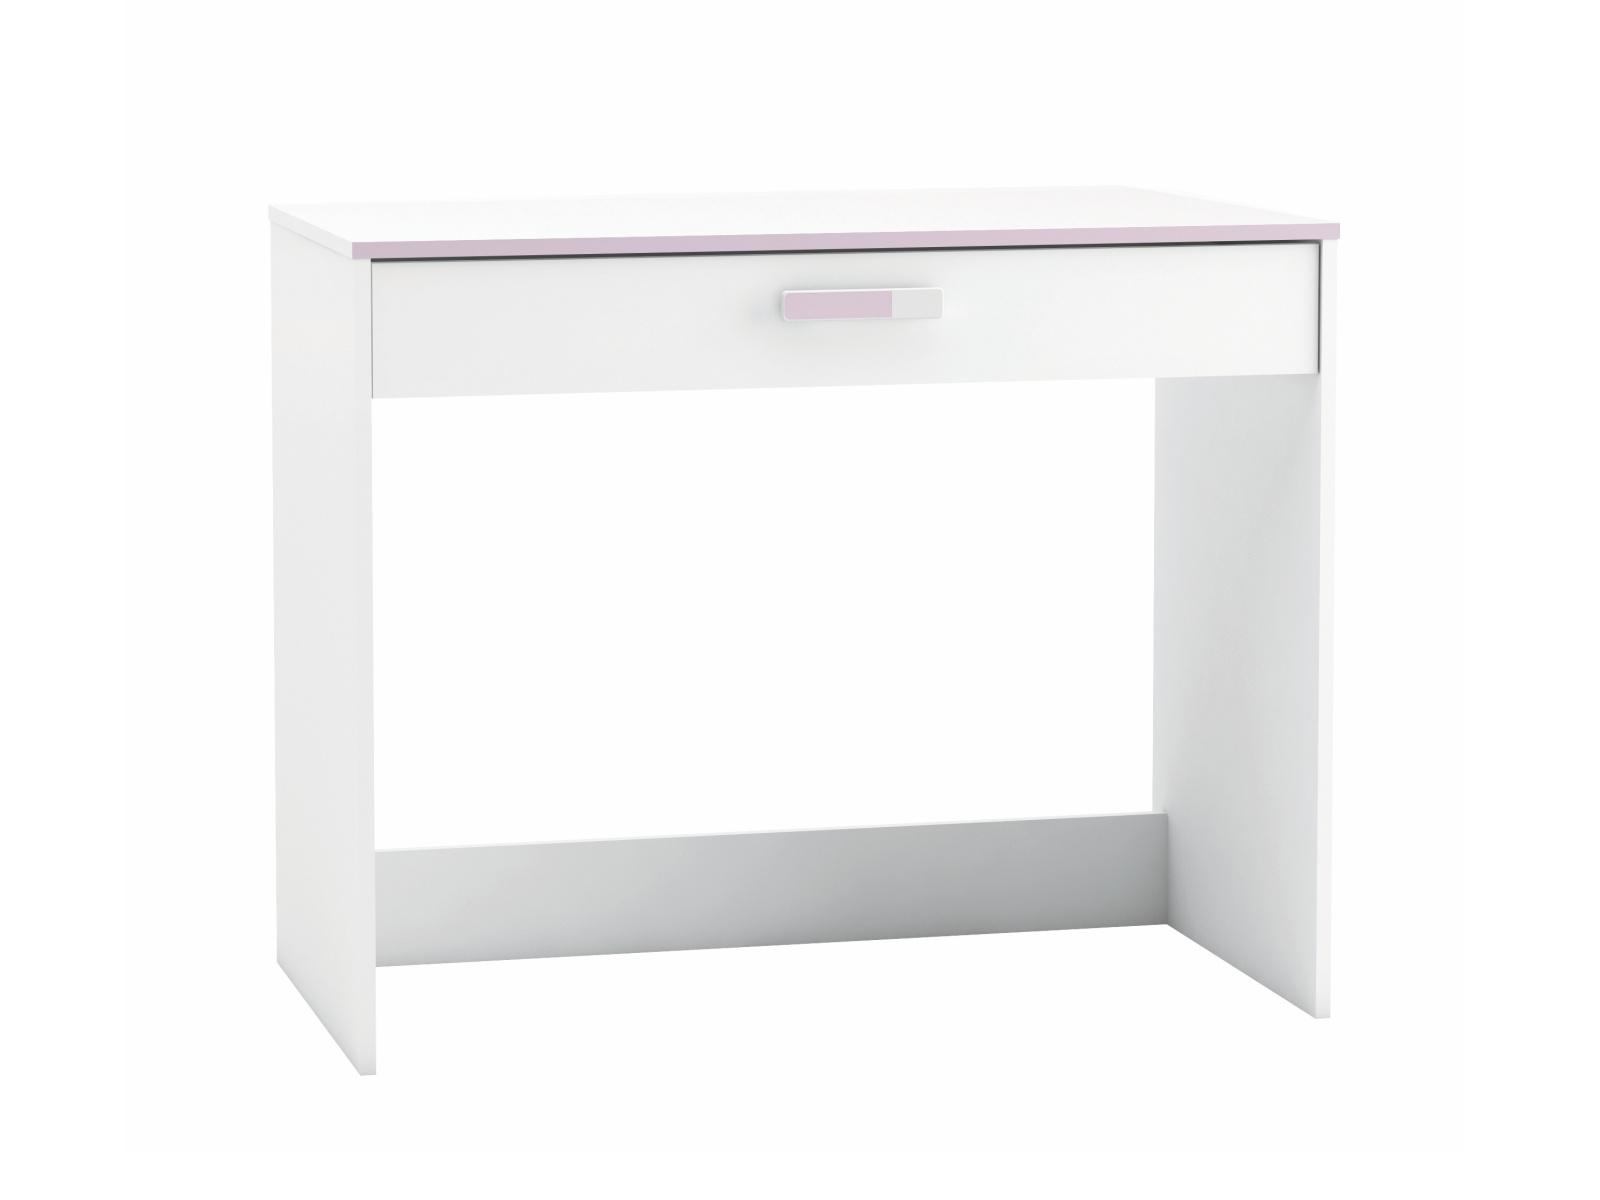 DEMEYERE Dětský psací stůl SVITCH, bílá/růžová nebo modrá